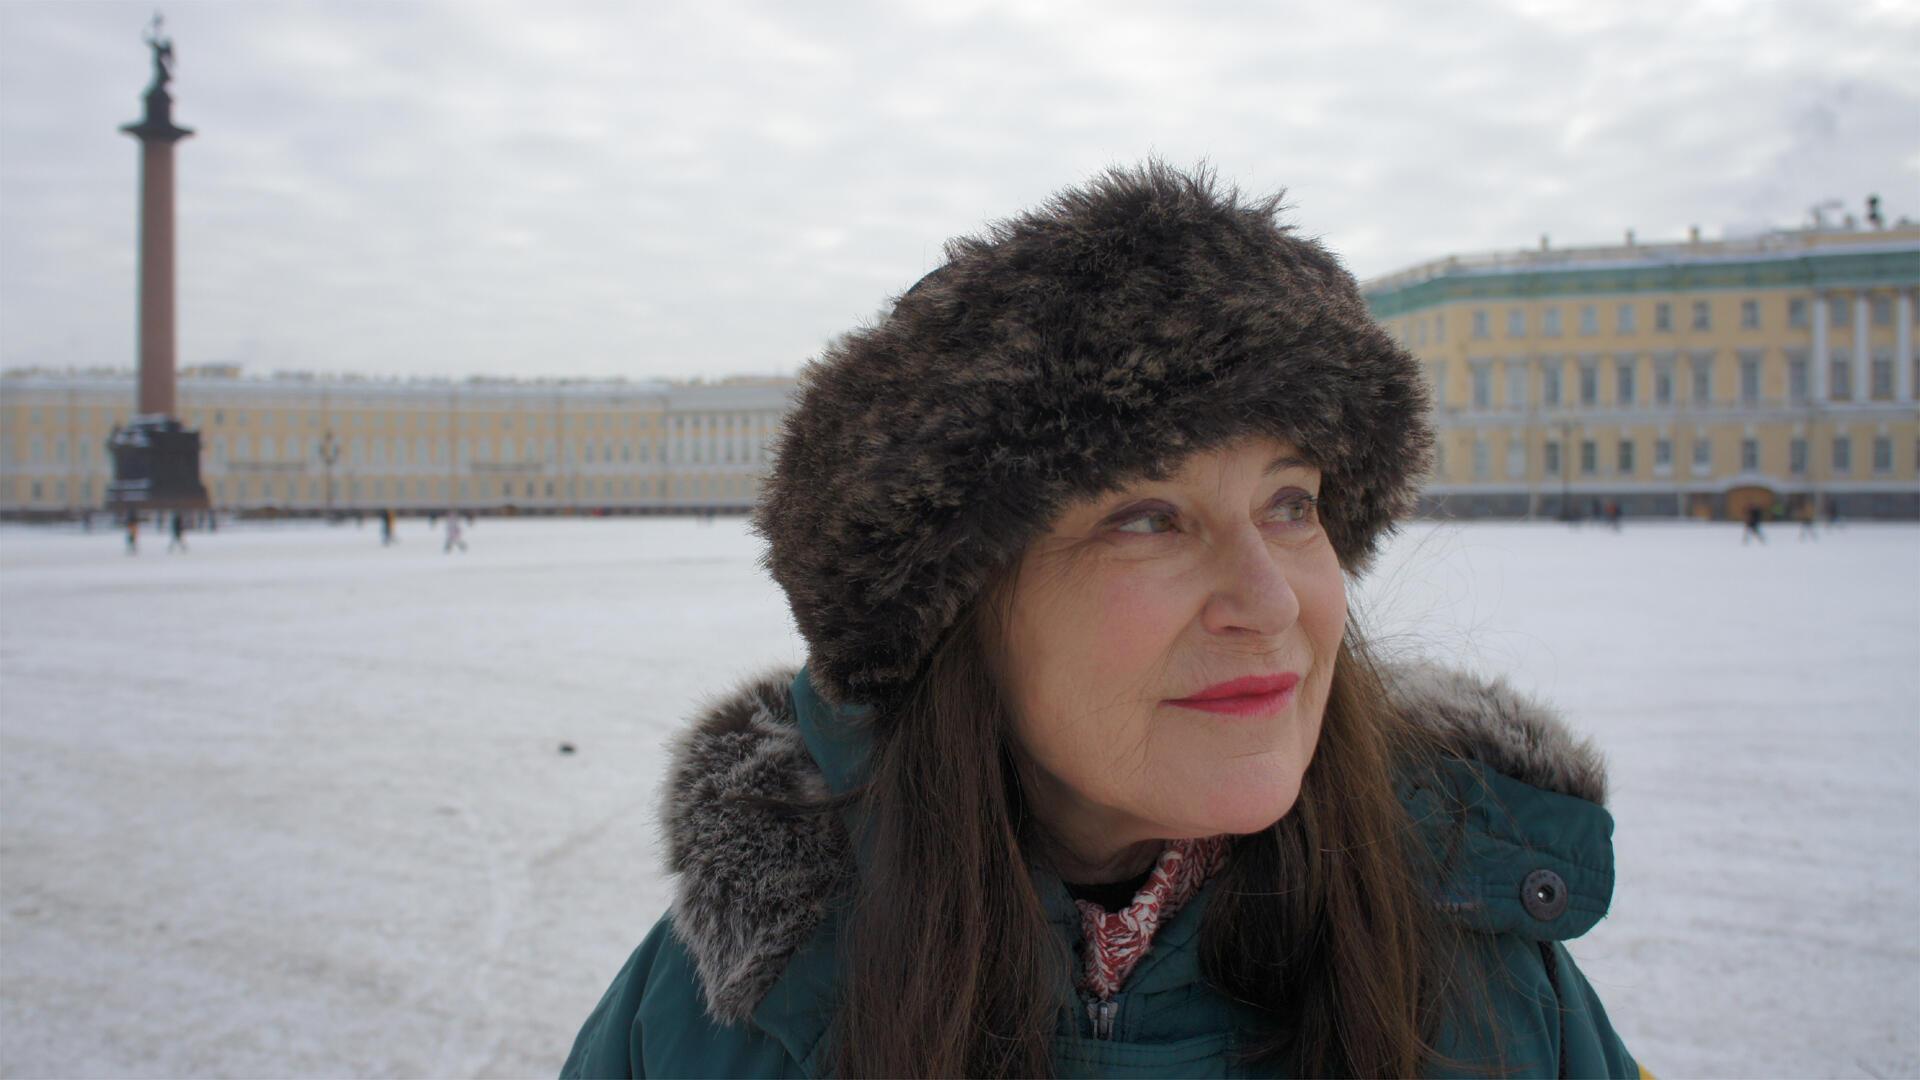 Pour son dernier livre, Irène Frain a suivi jusqu'en Sibérie les traces de Pauline Gueble, une femme du début du 19e siècle à l'âme farouche et résolument aventureuse.